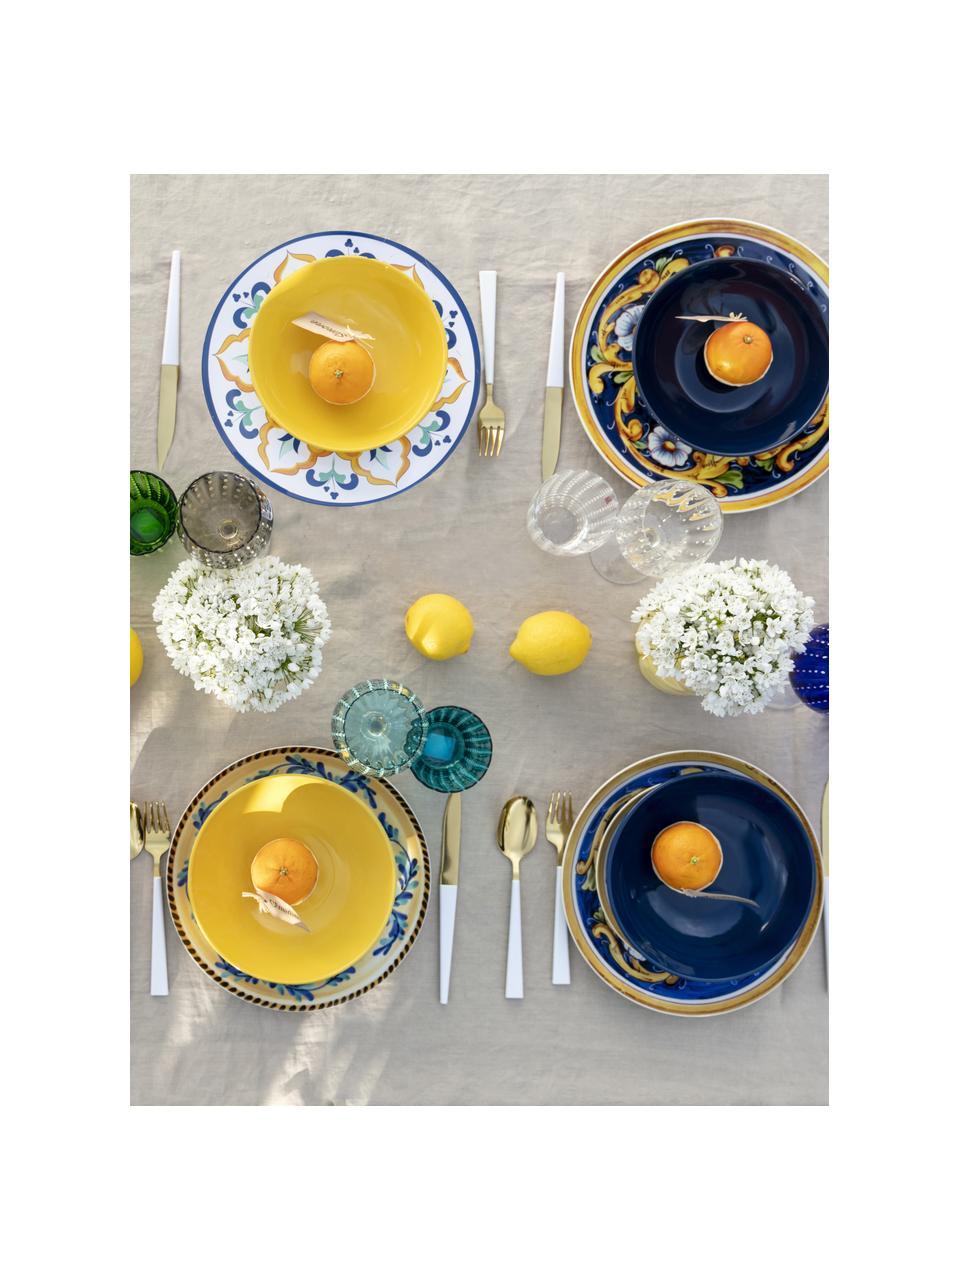 Komplet naczyń Sicilia, 18 elem., Biały, ciemny niebieski, żółty, Komplet z różnymi rozmiarami